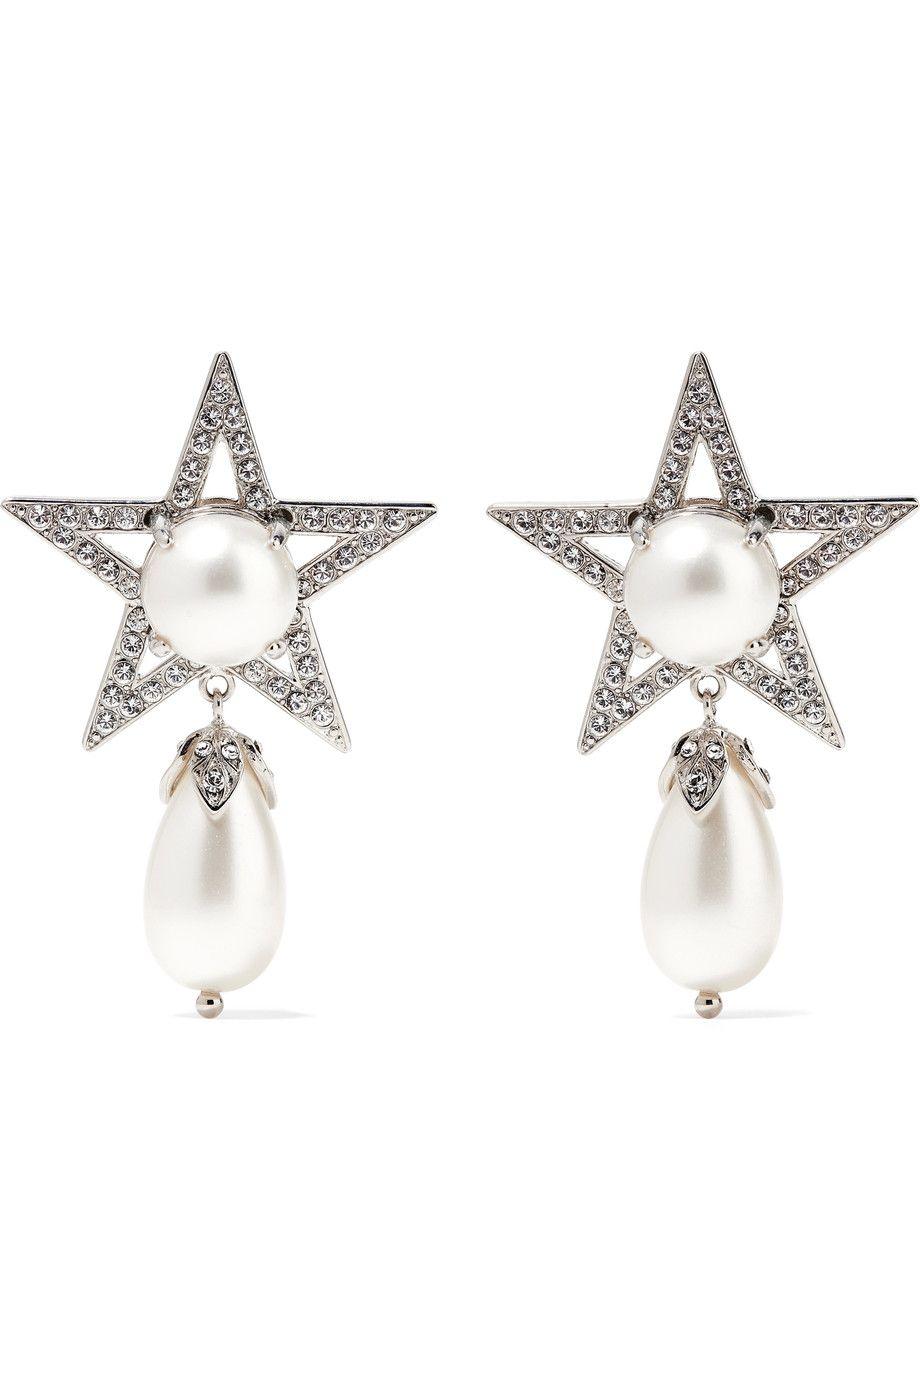 Boucles D'oreilles En Cristal Et De Fleurs De Perles - Miu Miu Métallique p13g8jnR1